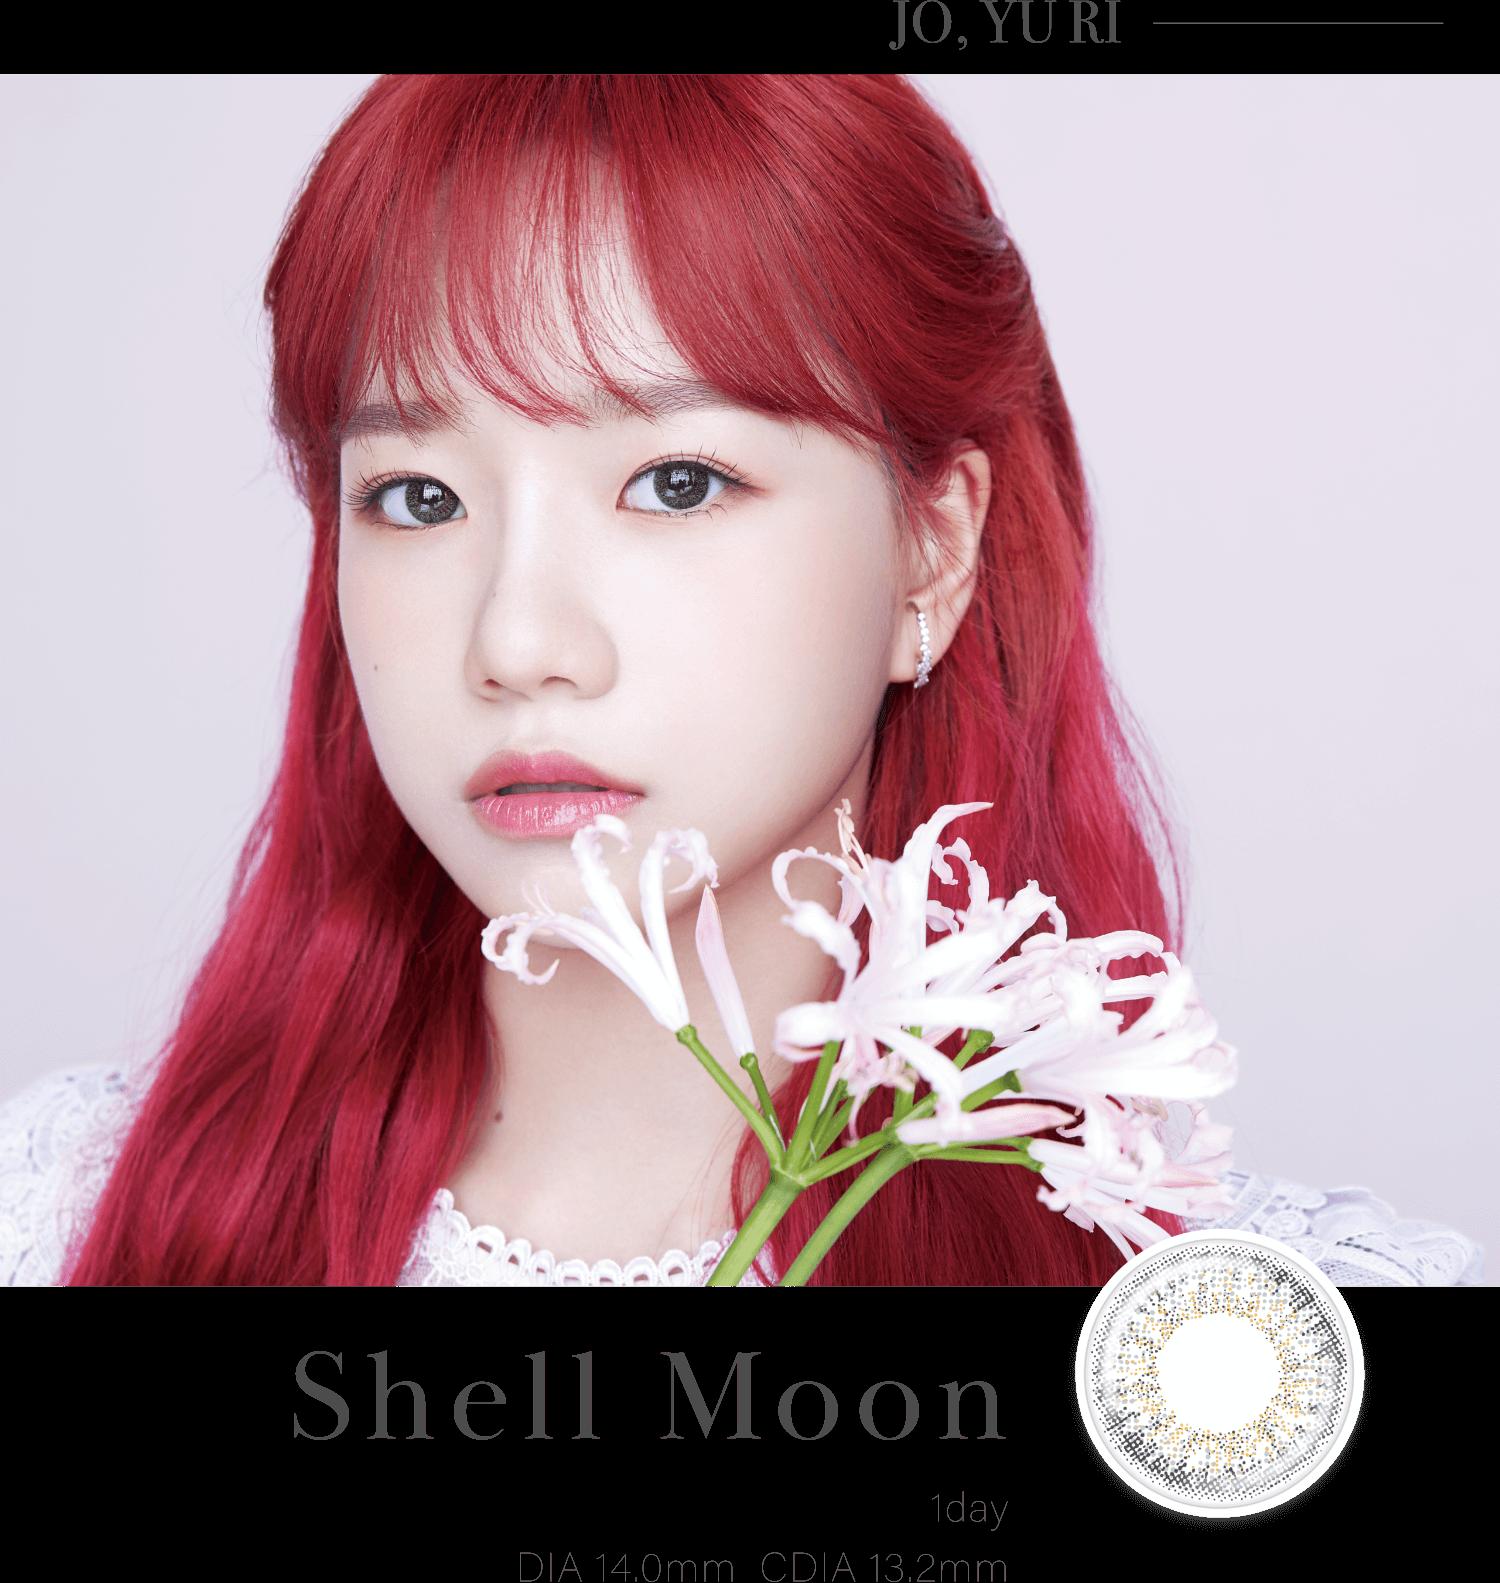 Shell Moon